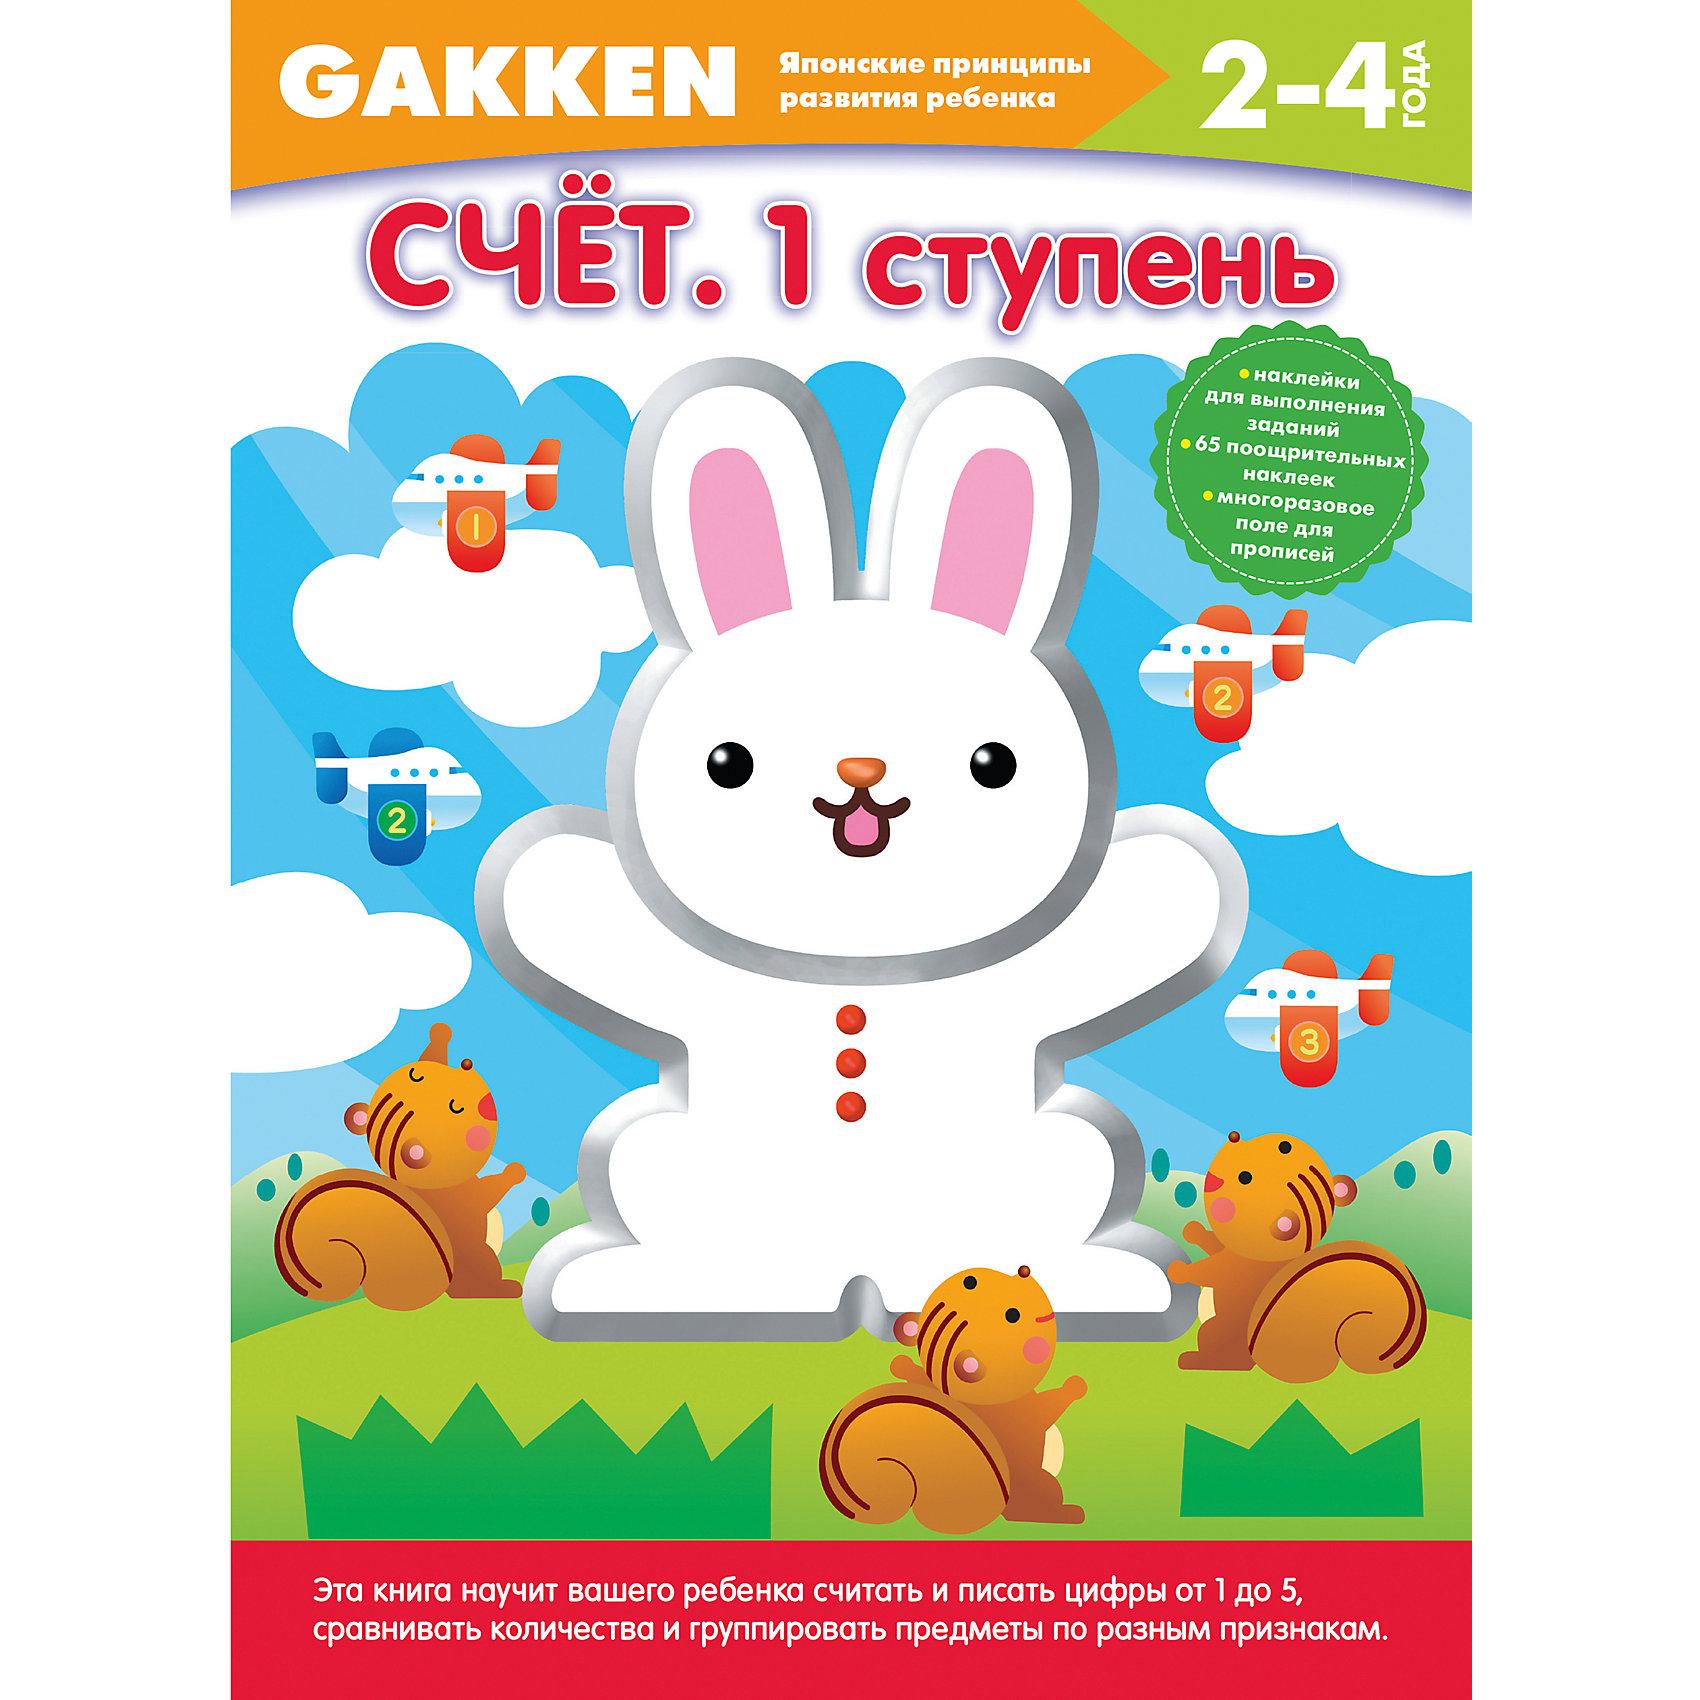 Развивающая книга Счет. 1 ступень (2+) GAKKENGakken<br>Развивающая книга Счет. 1 ступень (2+) – это красочная книга с увлекательными развивающими заданиями.<br>Книга Счет. 1 ступень (2+), серии Японские принципы развития ребенка, научит вашего малыша: считать до 5; сравнивать количество предметов; мысленно связывать количество предметов с числом; группировать предметы в множества; правильно произносить числительные от 1 до 5 и писать цифры. В основу книги легли методические разработки профессора психологии Акиры Таго, широко известного в Японии специалиста по развитию интеллектуальных способностей, в том числе и у детей. Это методика, которой можно доверять! Уже 30 лет она успешно применяется в детских садах Японии. Благодаря особенностям подачи материала развитие ребенка идет сразу в двух направлениях: обучение необходимым навыкам и психологическое формирование успешной личности. Обучение по-японски — это увлекательный путь к способности принимать самостоятельные решения и творчески осмысливать поставленные задачи. Главный принцип методики – это система «микро-шагов», когда каждый последующий шаг чуть сложнее предыдущего. Благодаря этому ребенок не боится выполнять задания, его уверенность в своих силах возрастает. В основании методики — неразрывная связь между развитием руки и интеллектуальных способностей малыша, именно поэтому особое внимание уделяется тому, чтобы научить ребёнка пользоваться письменными принадлежностями.<br><br>Дополнительная информация:<br><br>- В книге вы найдете: наклейки для выполнения заданий, 65 поощрительных наклеек, многоразовое поле для прописей<br>- Художники: Сакамото Мицуи, Араи Савако, Цунода Дайске<br>- Переводчик: Кашкарова Ольга<br>- Редактор: Саломатина Е. И.<br>- Издательство: Эксмо-Пресс, 2015 г.<br>- Серия: Gakken. Японские принципы развития ребенка<br>- Тип обложки: мягкий переплет (крепление скрепкой или клеем)<br>- Иллюстрации: цветные<br>- Количество страниц: 64 (офсет)<br>- Размер: 290x210x6 мм.<br>- Вес: 276 гр.<br><br